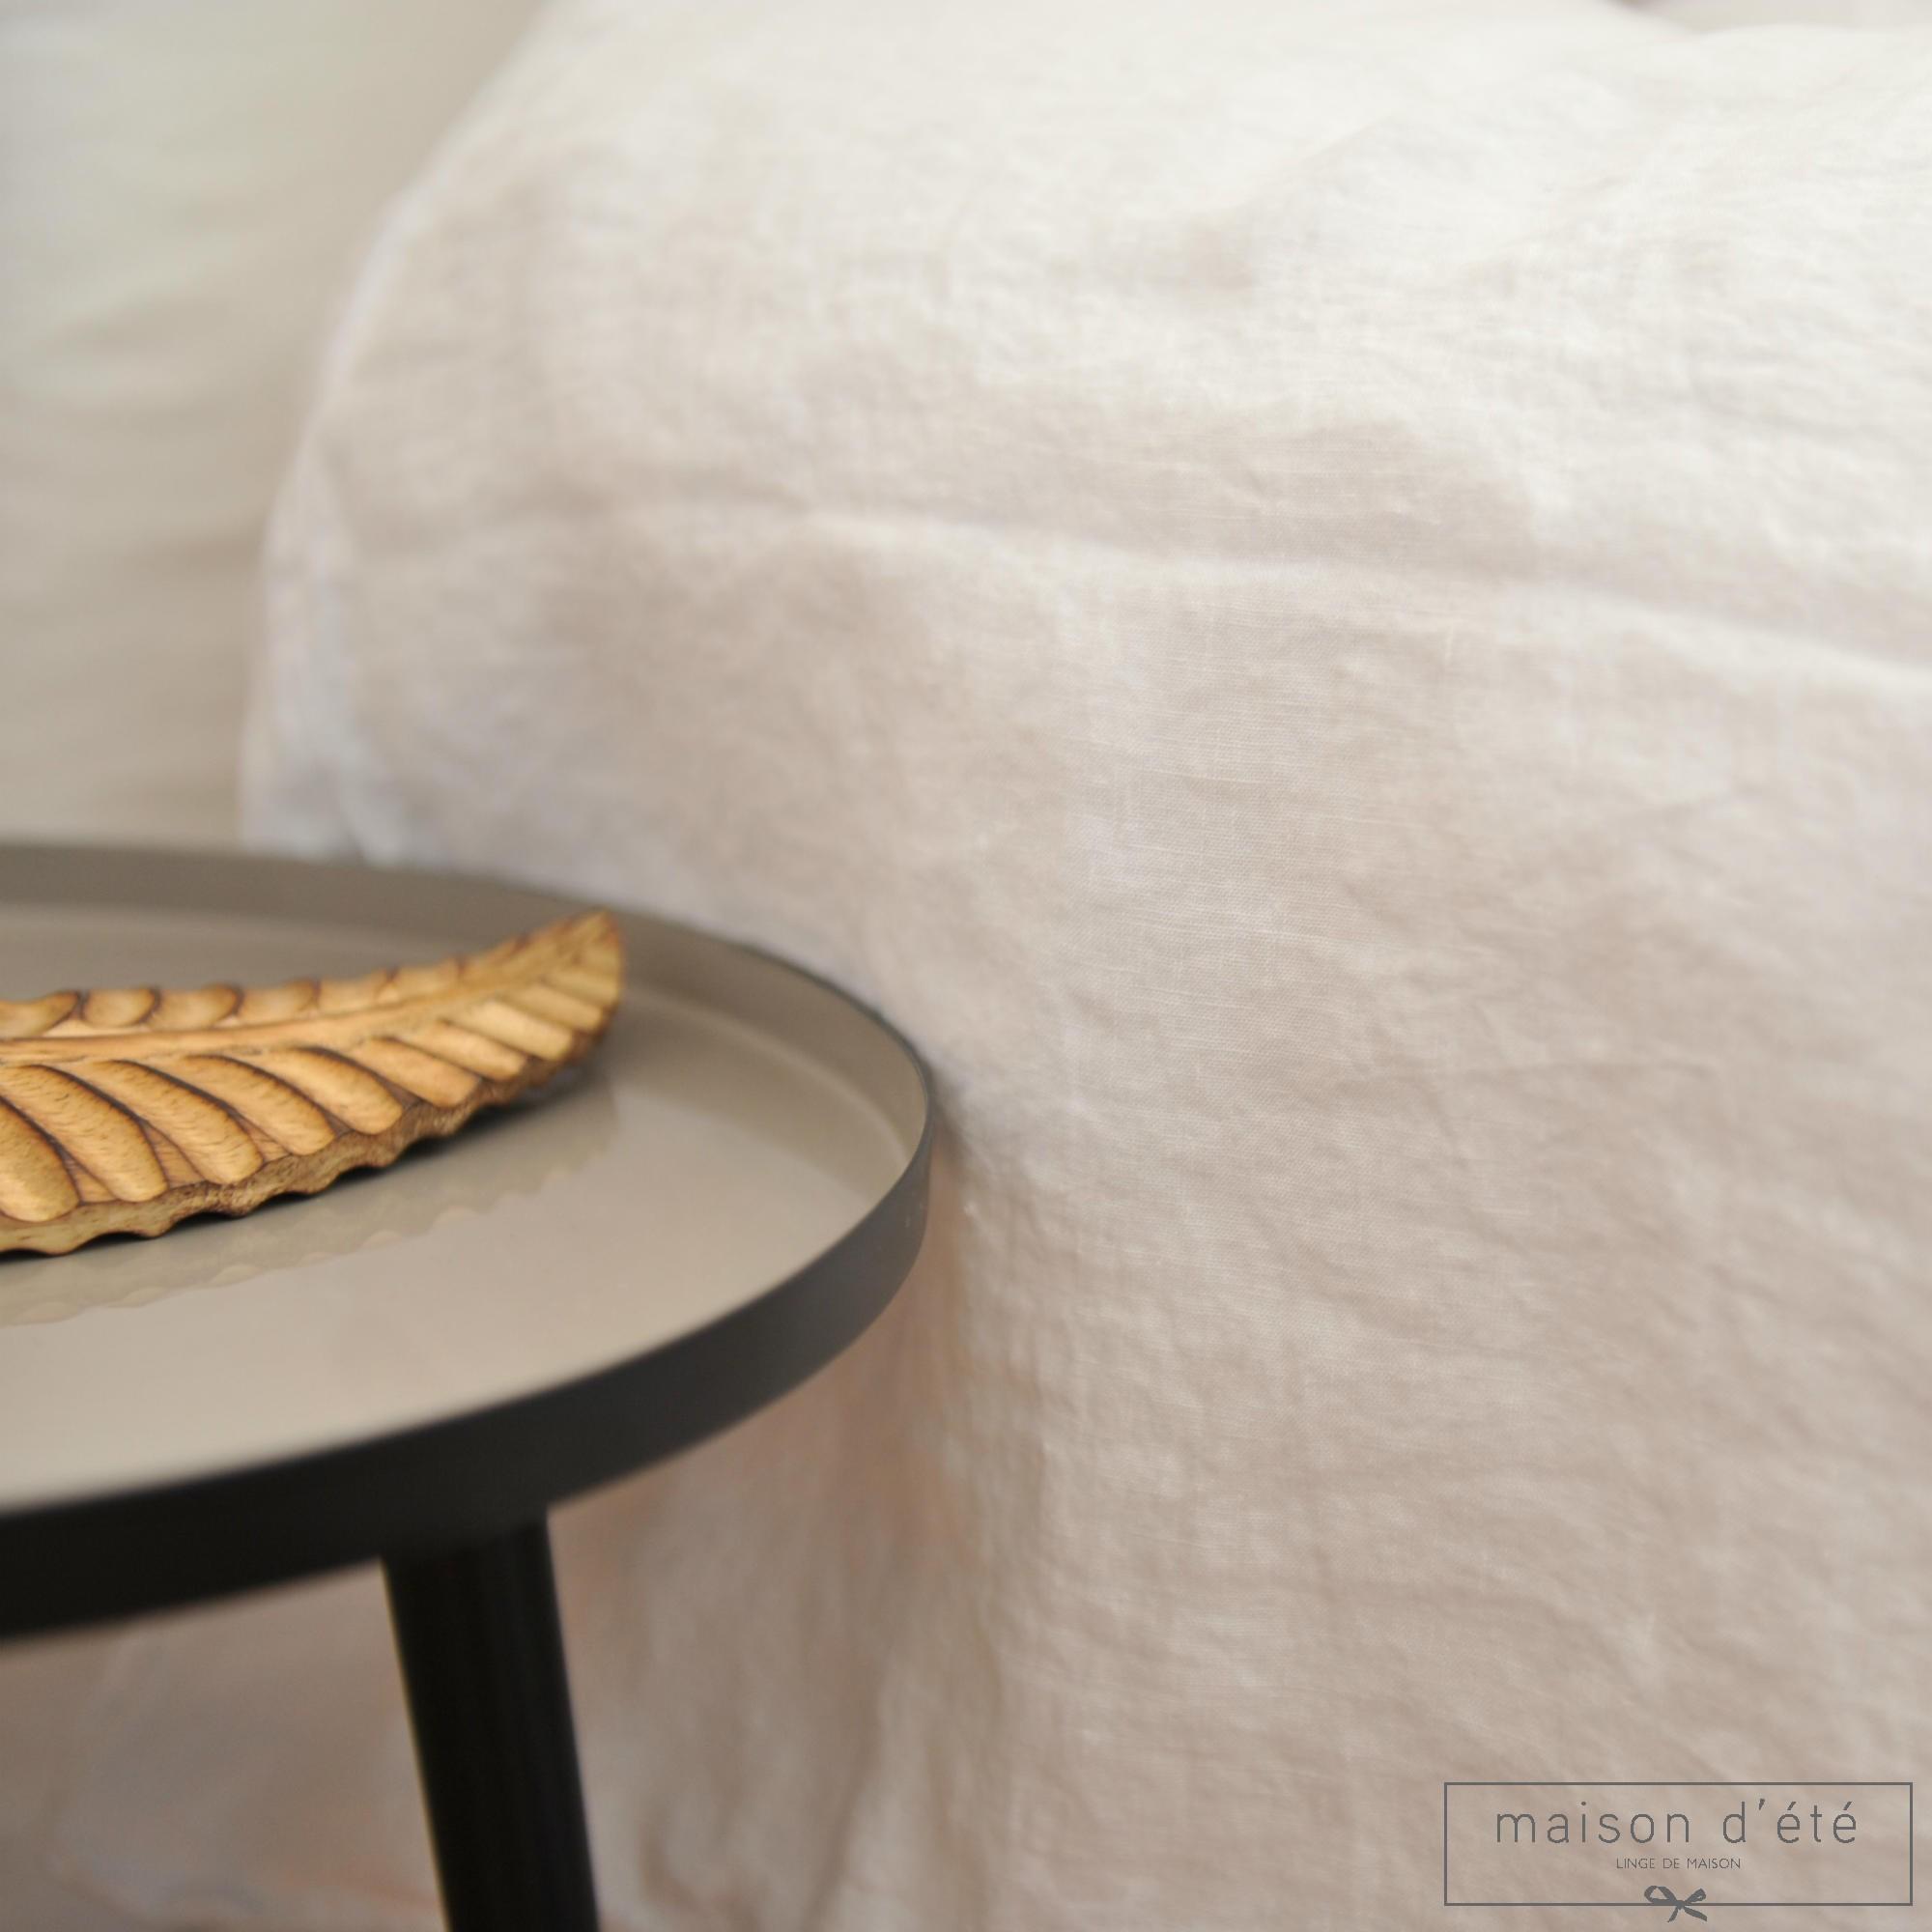 housse de couette en lin lav blanc par maison d 39 t. Black Bedroom Furniture Sets. Home Design Ideas